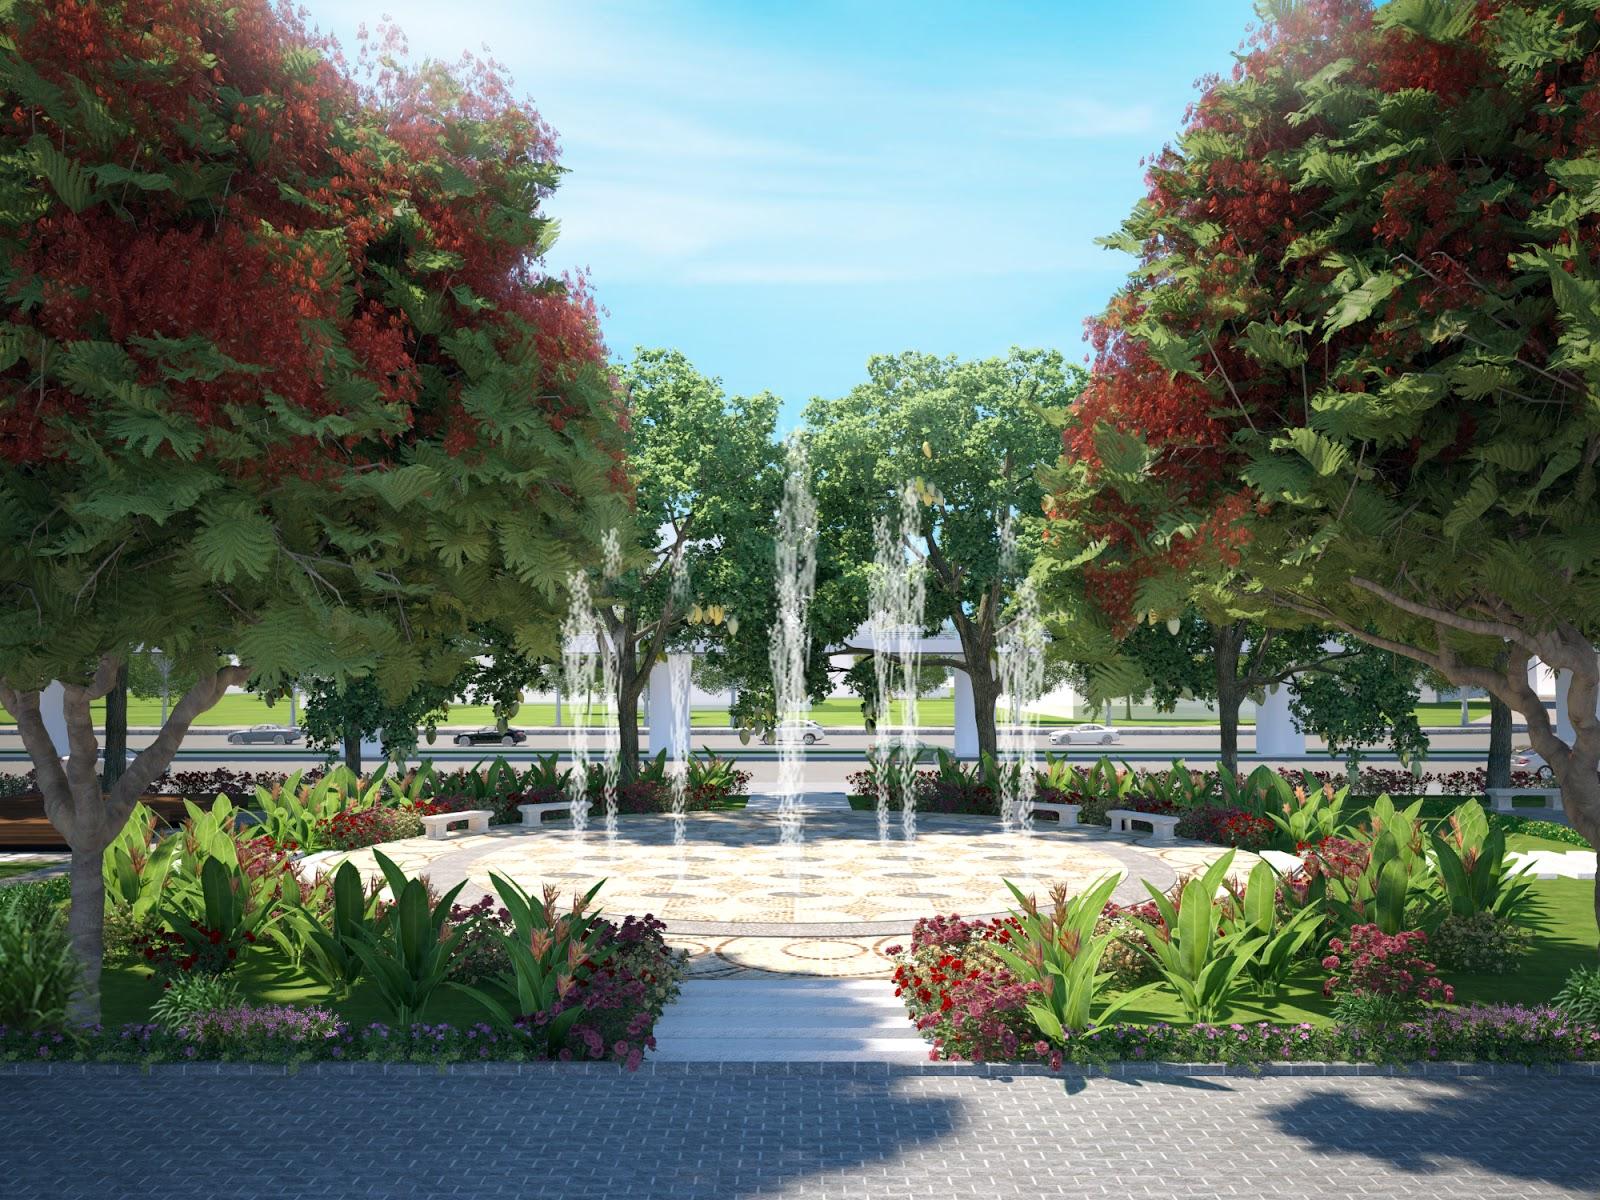 Đài phun nước ở quảng trường trung tâm dự án